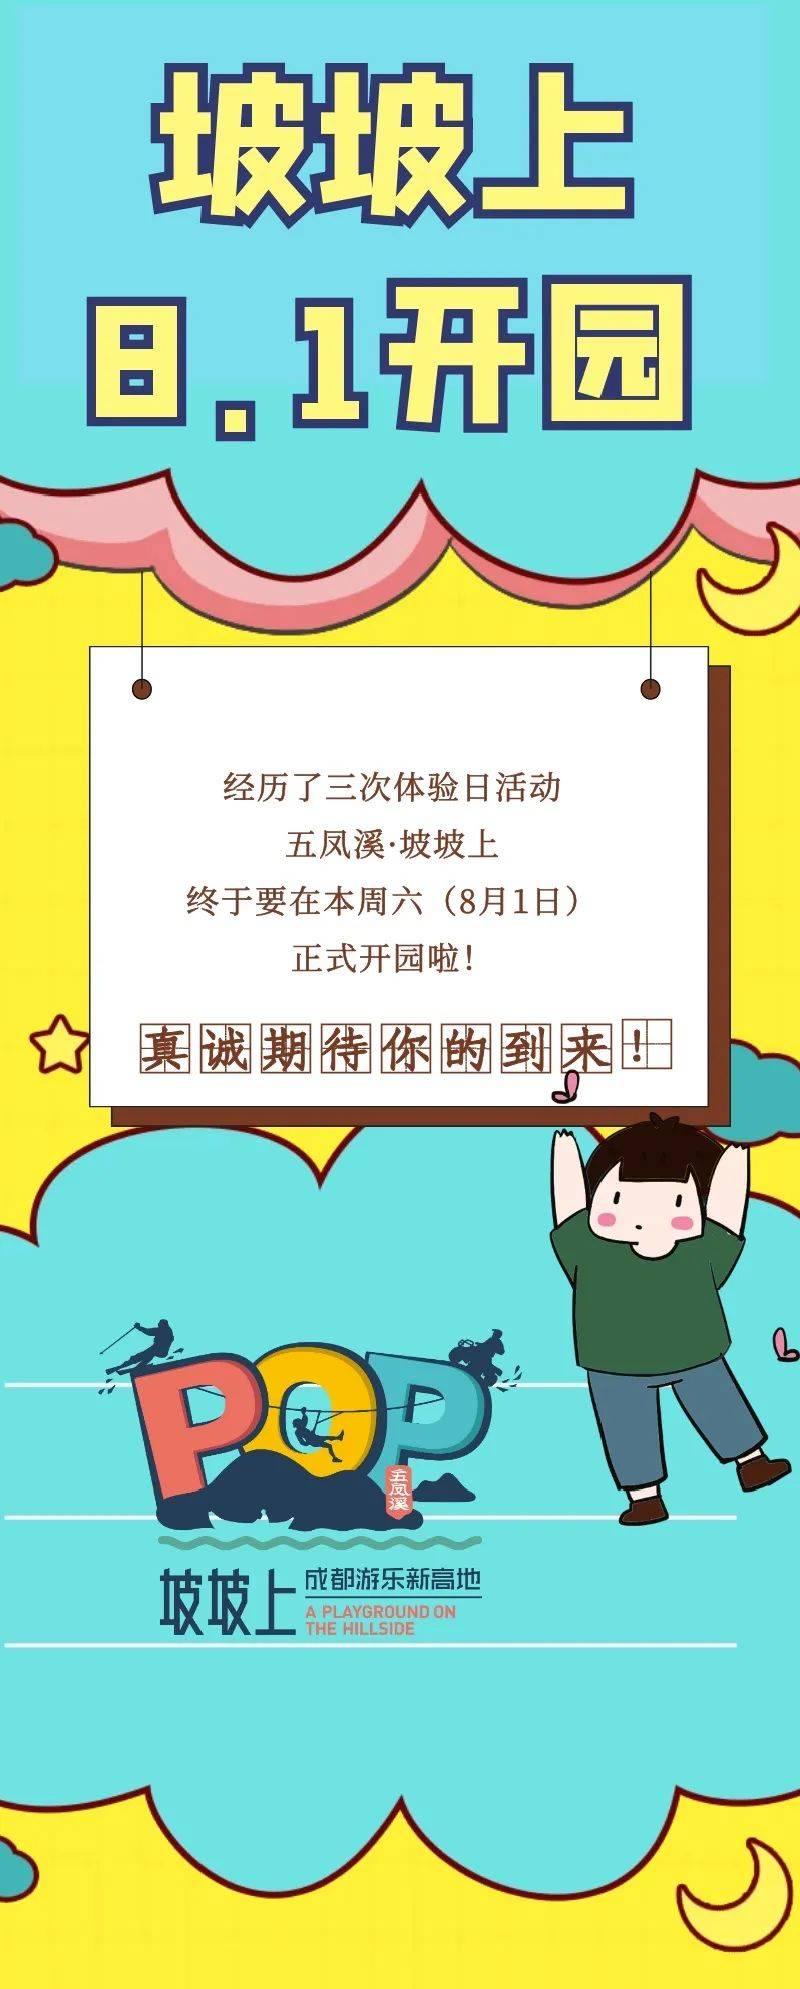 8月1日开园!五凤溪·坡坡上精彩抢先看!